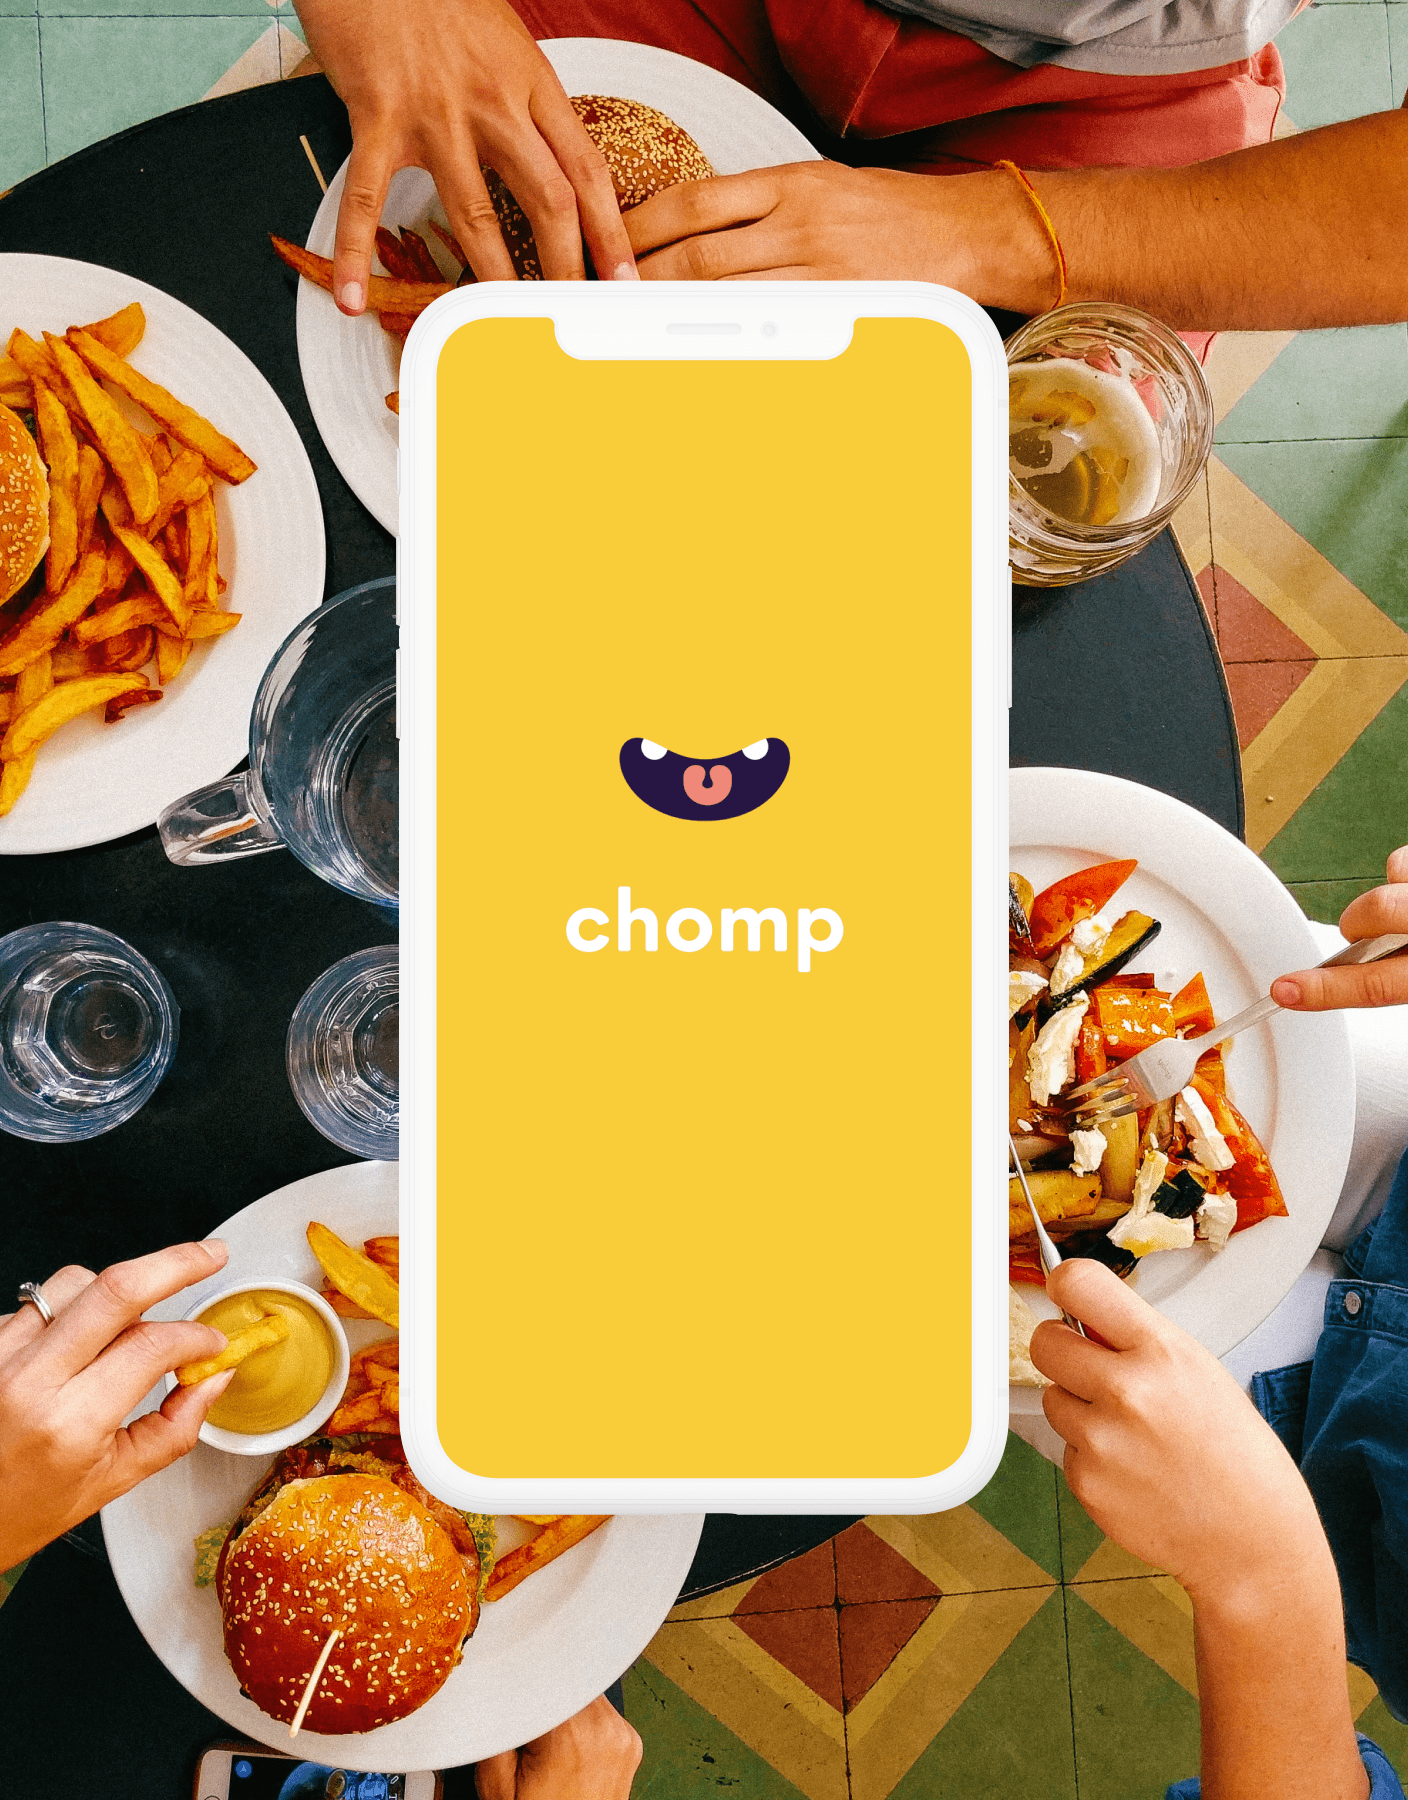 Chomp initial screen app